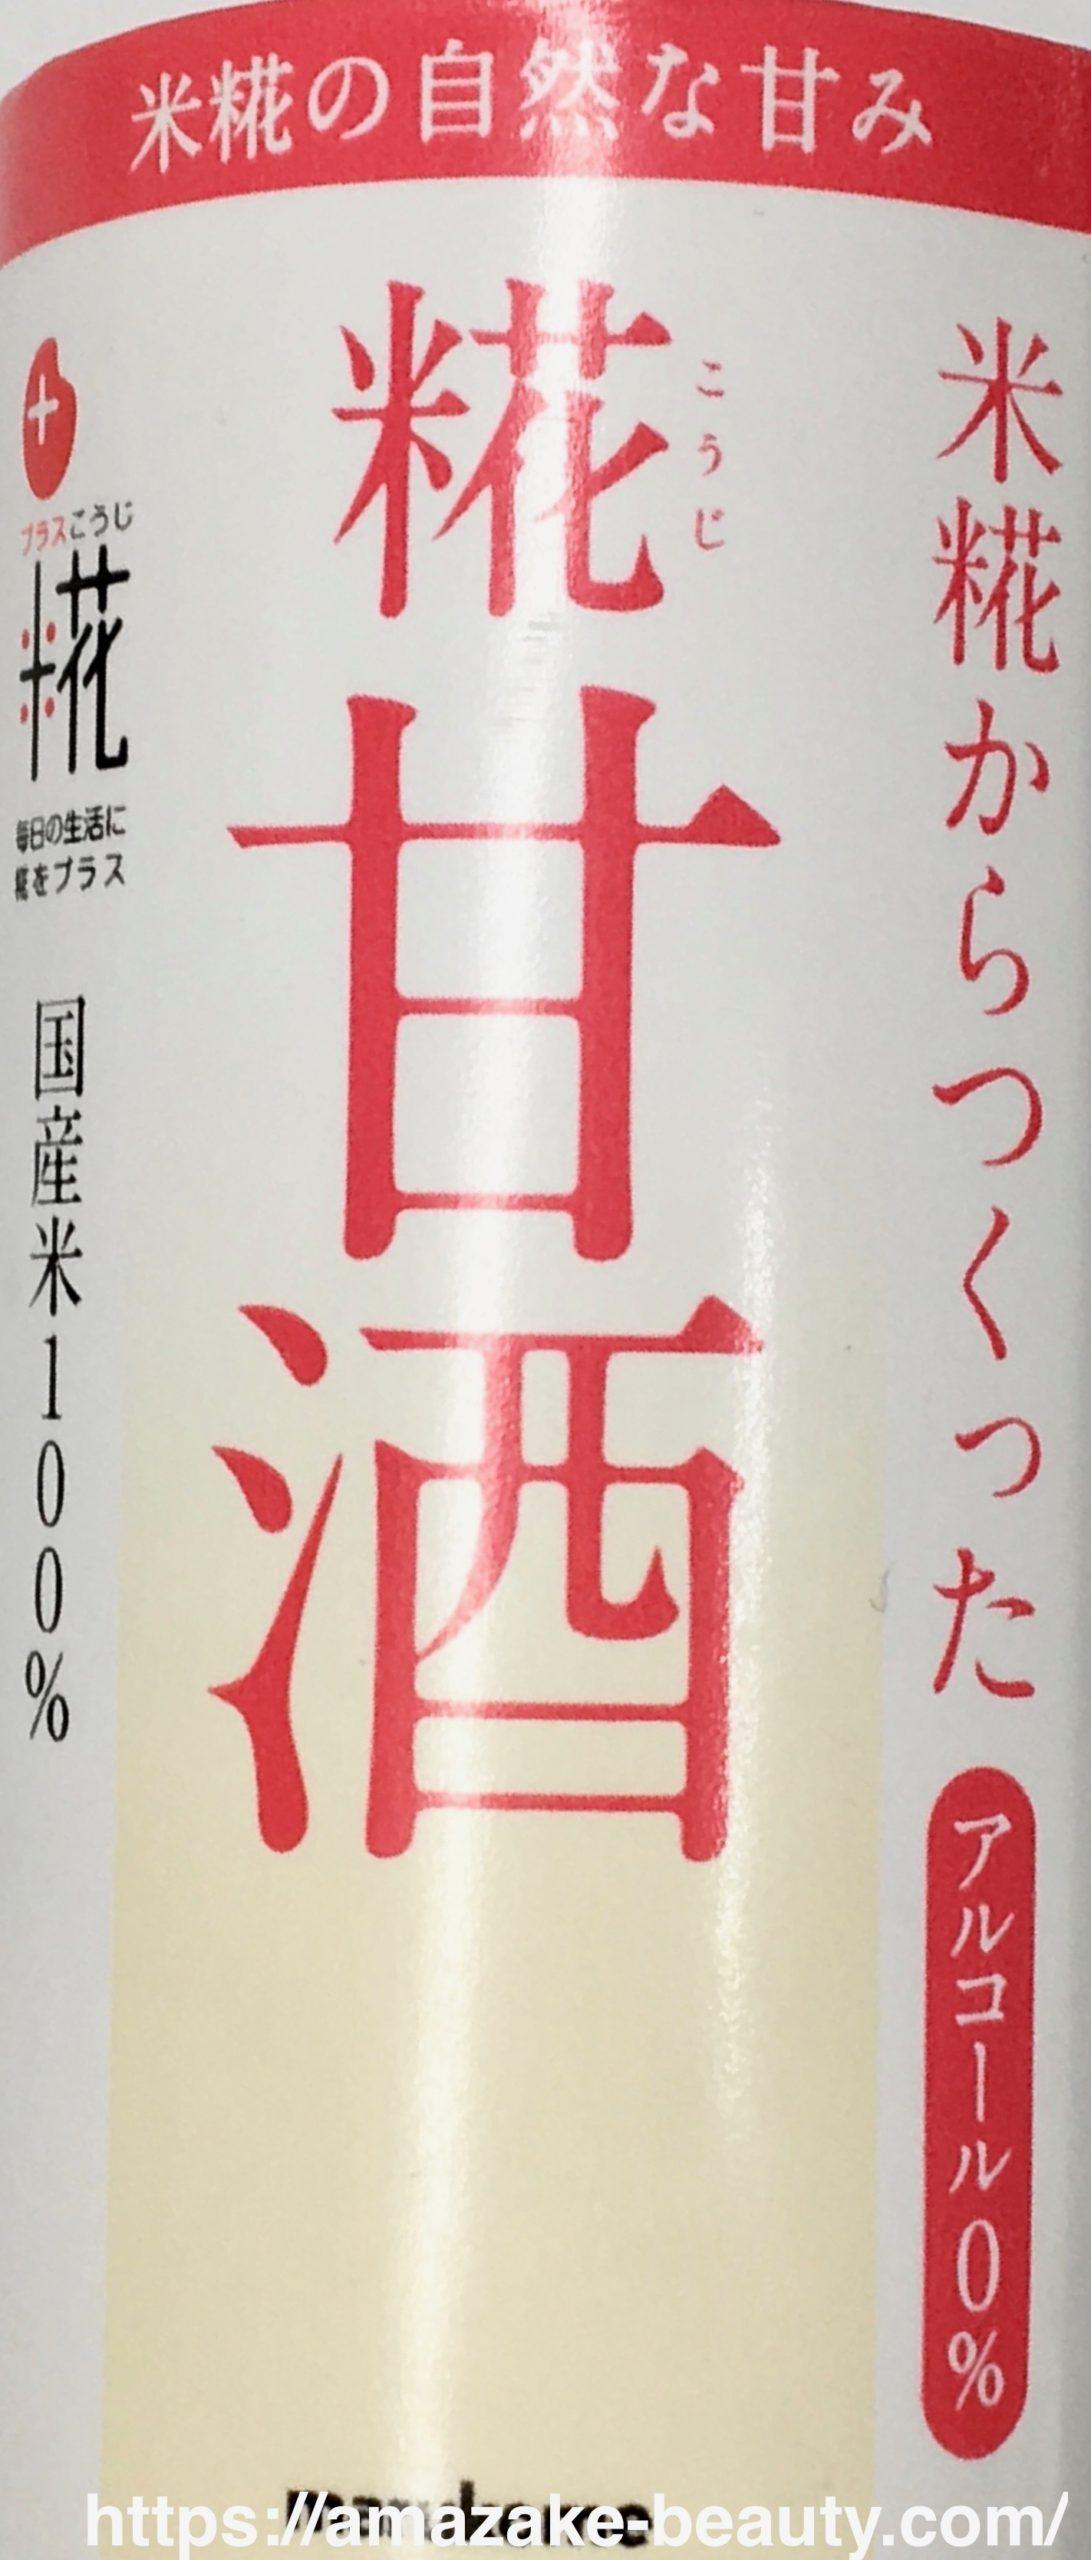 【甘酒】マルコメ『糀甘酒』(パッケージデザイン)